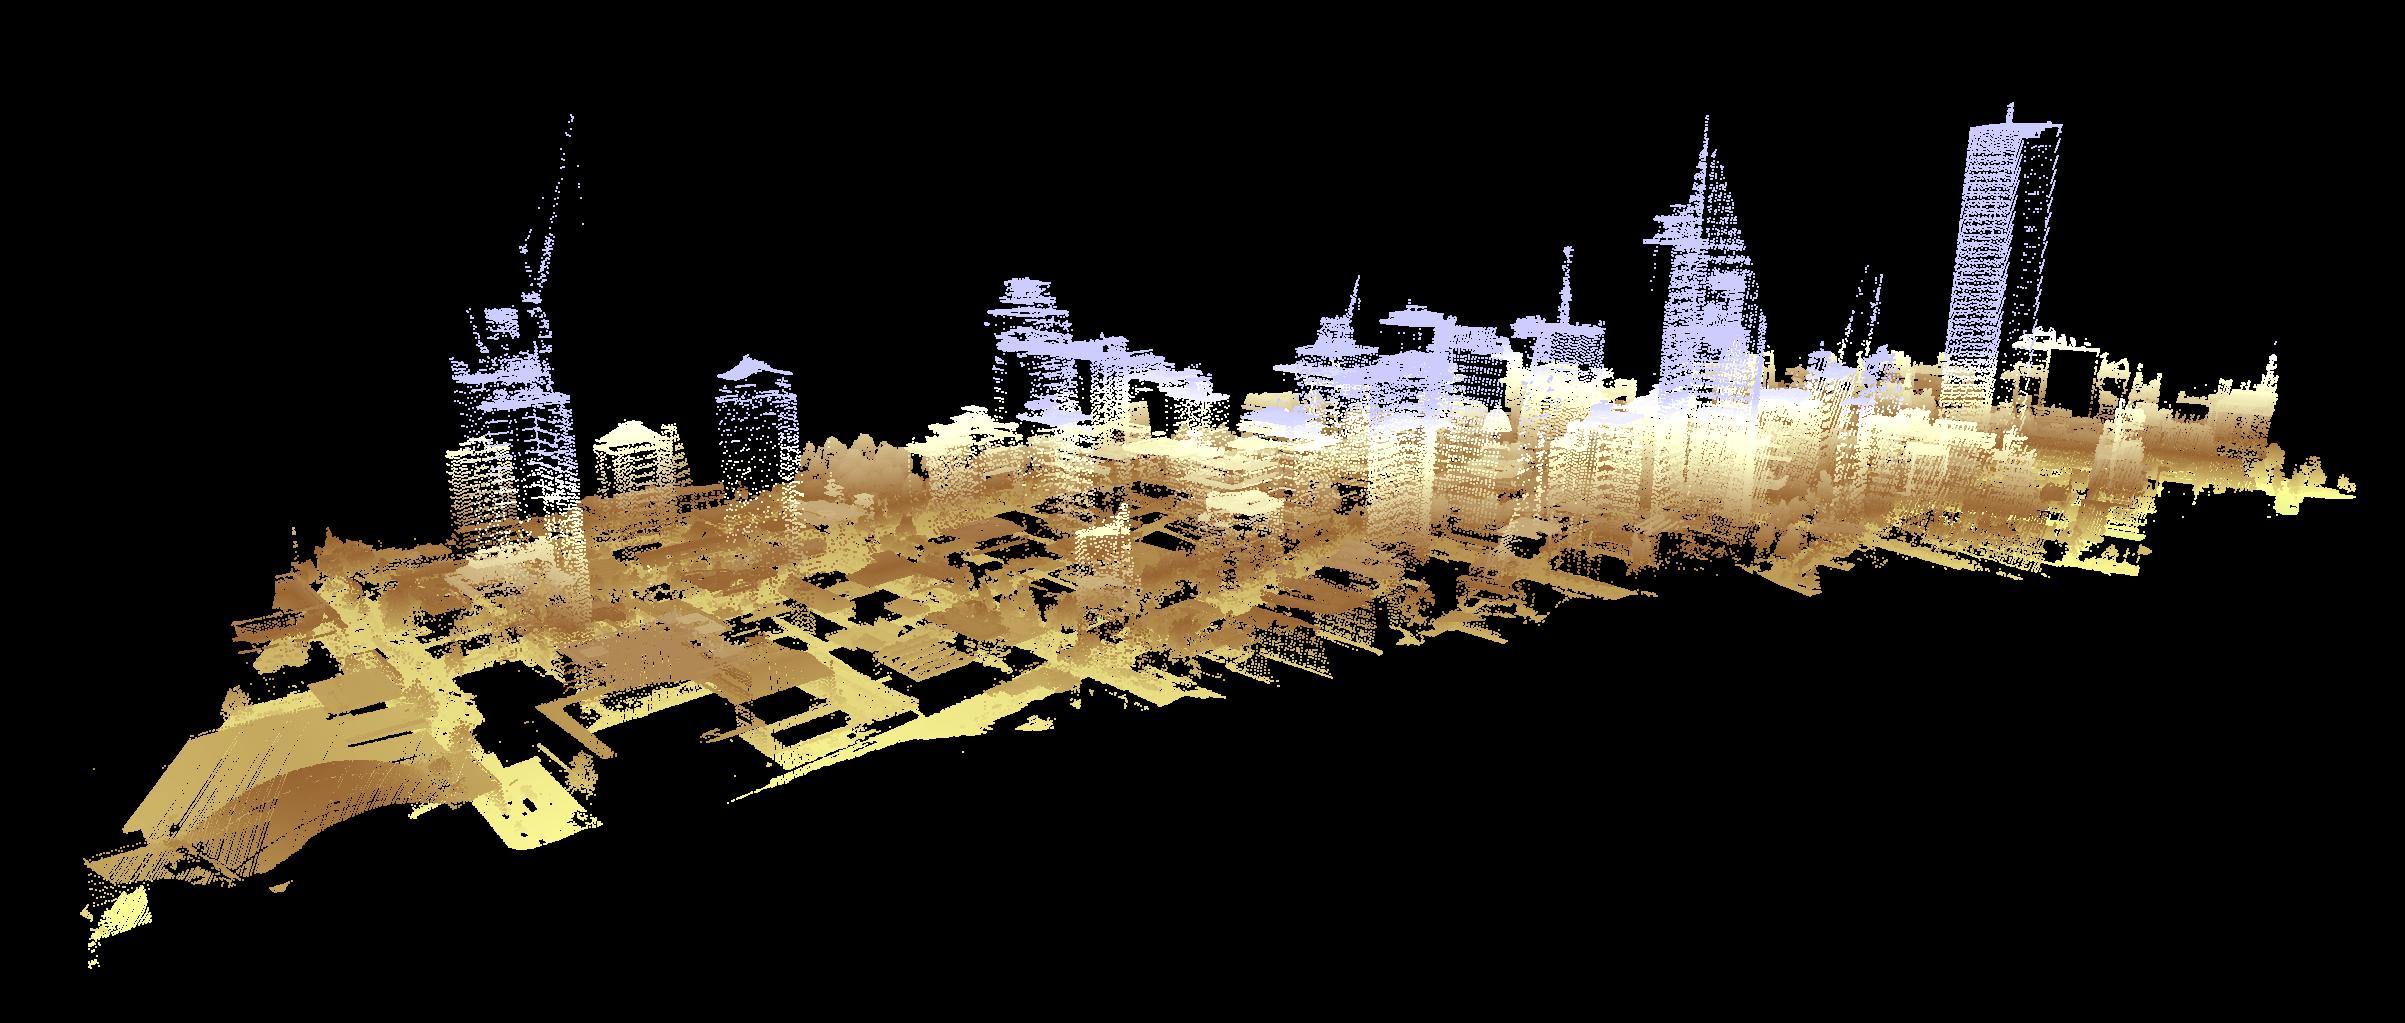 melb-docklands-3d-globalmapper-gmterrain